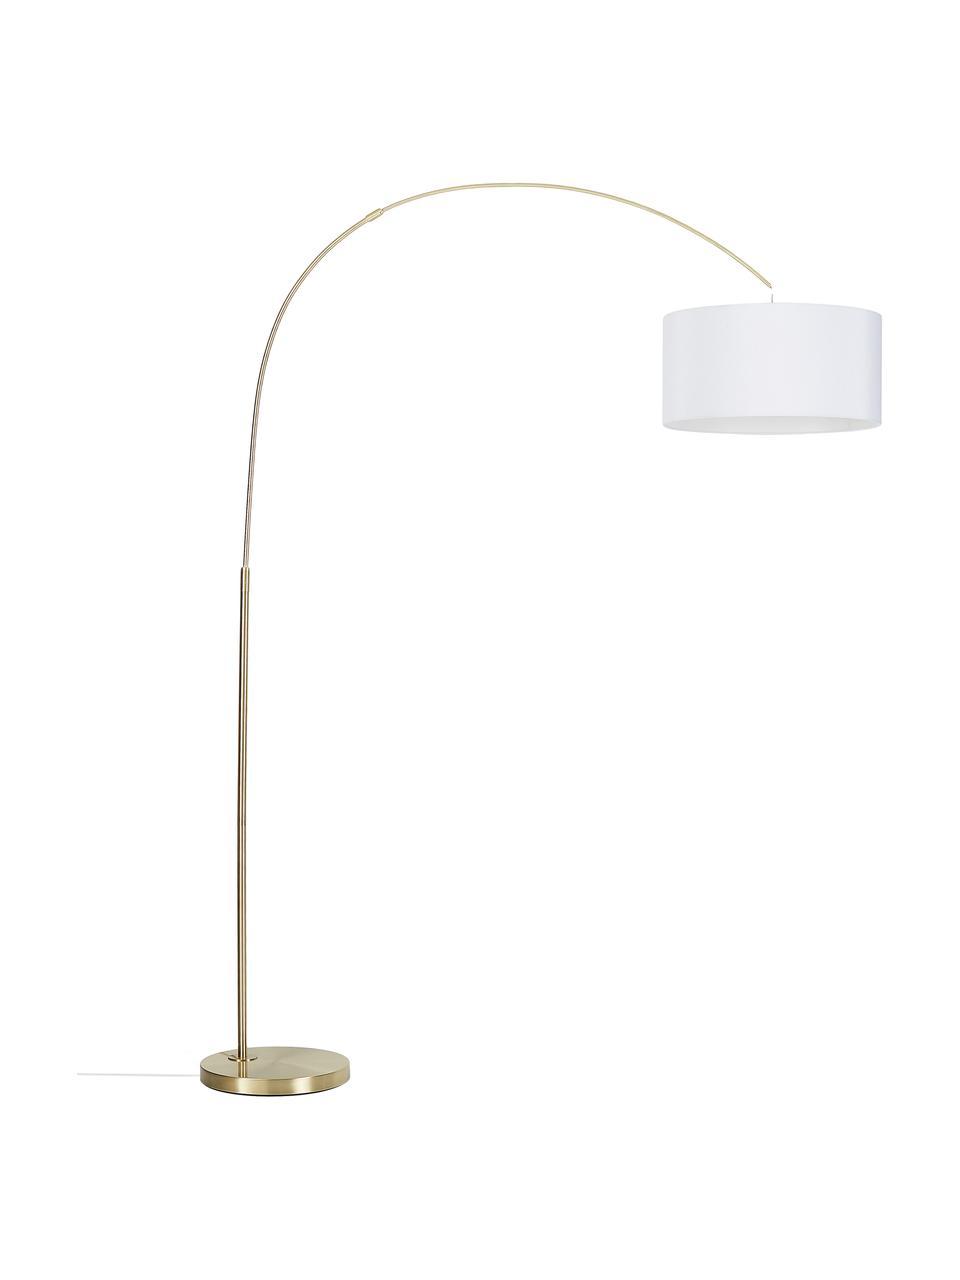 Oblouková stojací lampa Niels, Stínidlo: bílá Podstava lampy: mosazná Kabel: transparentní